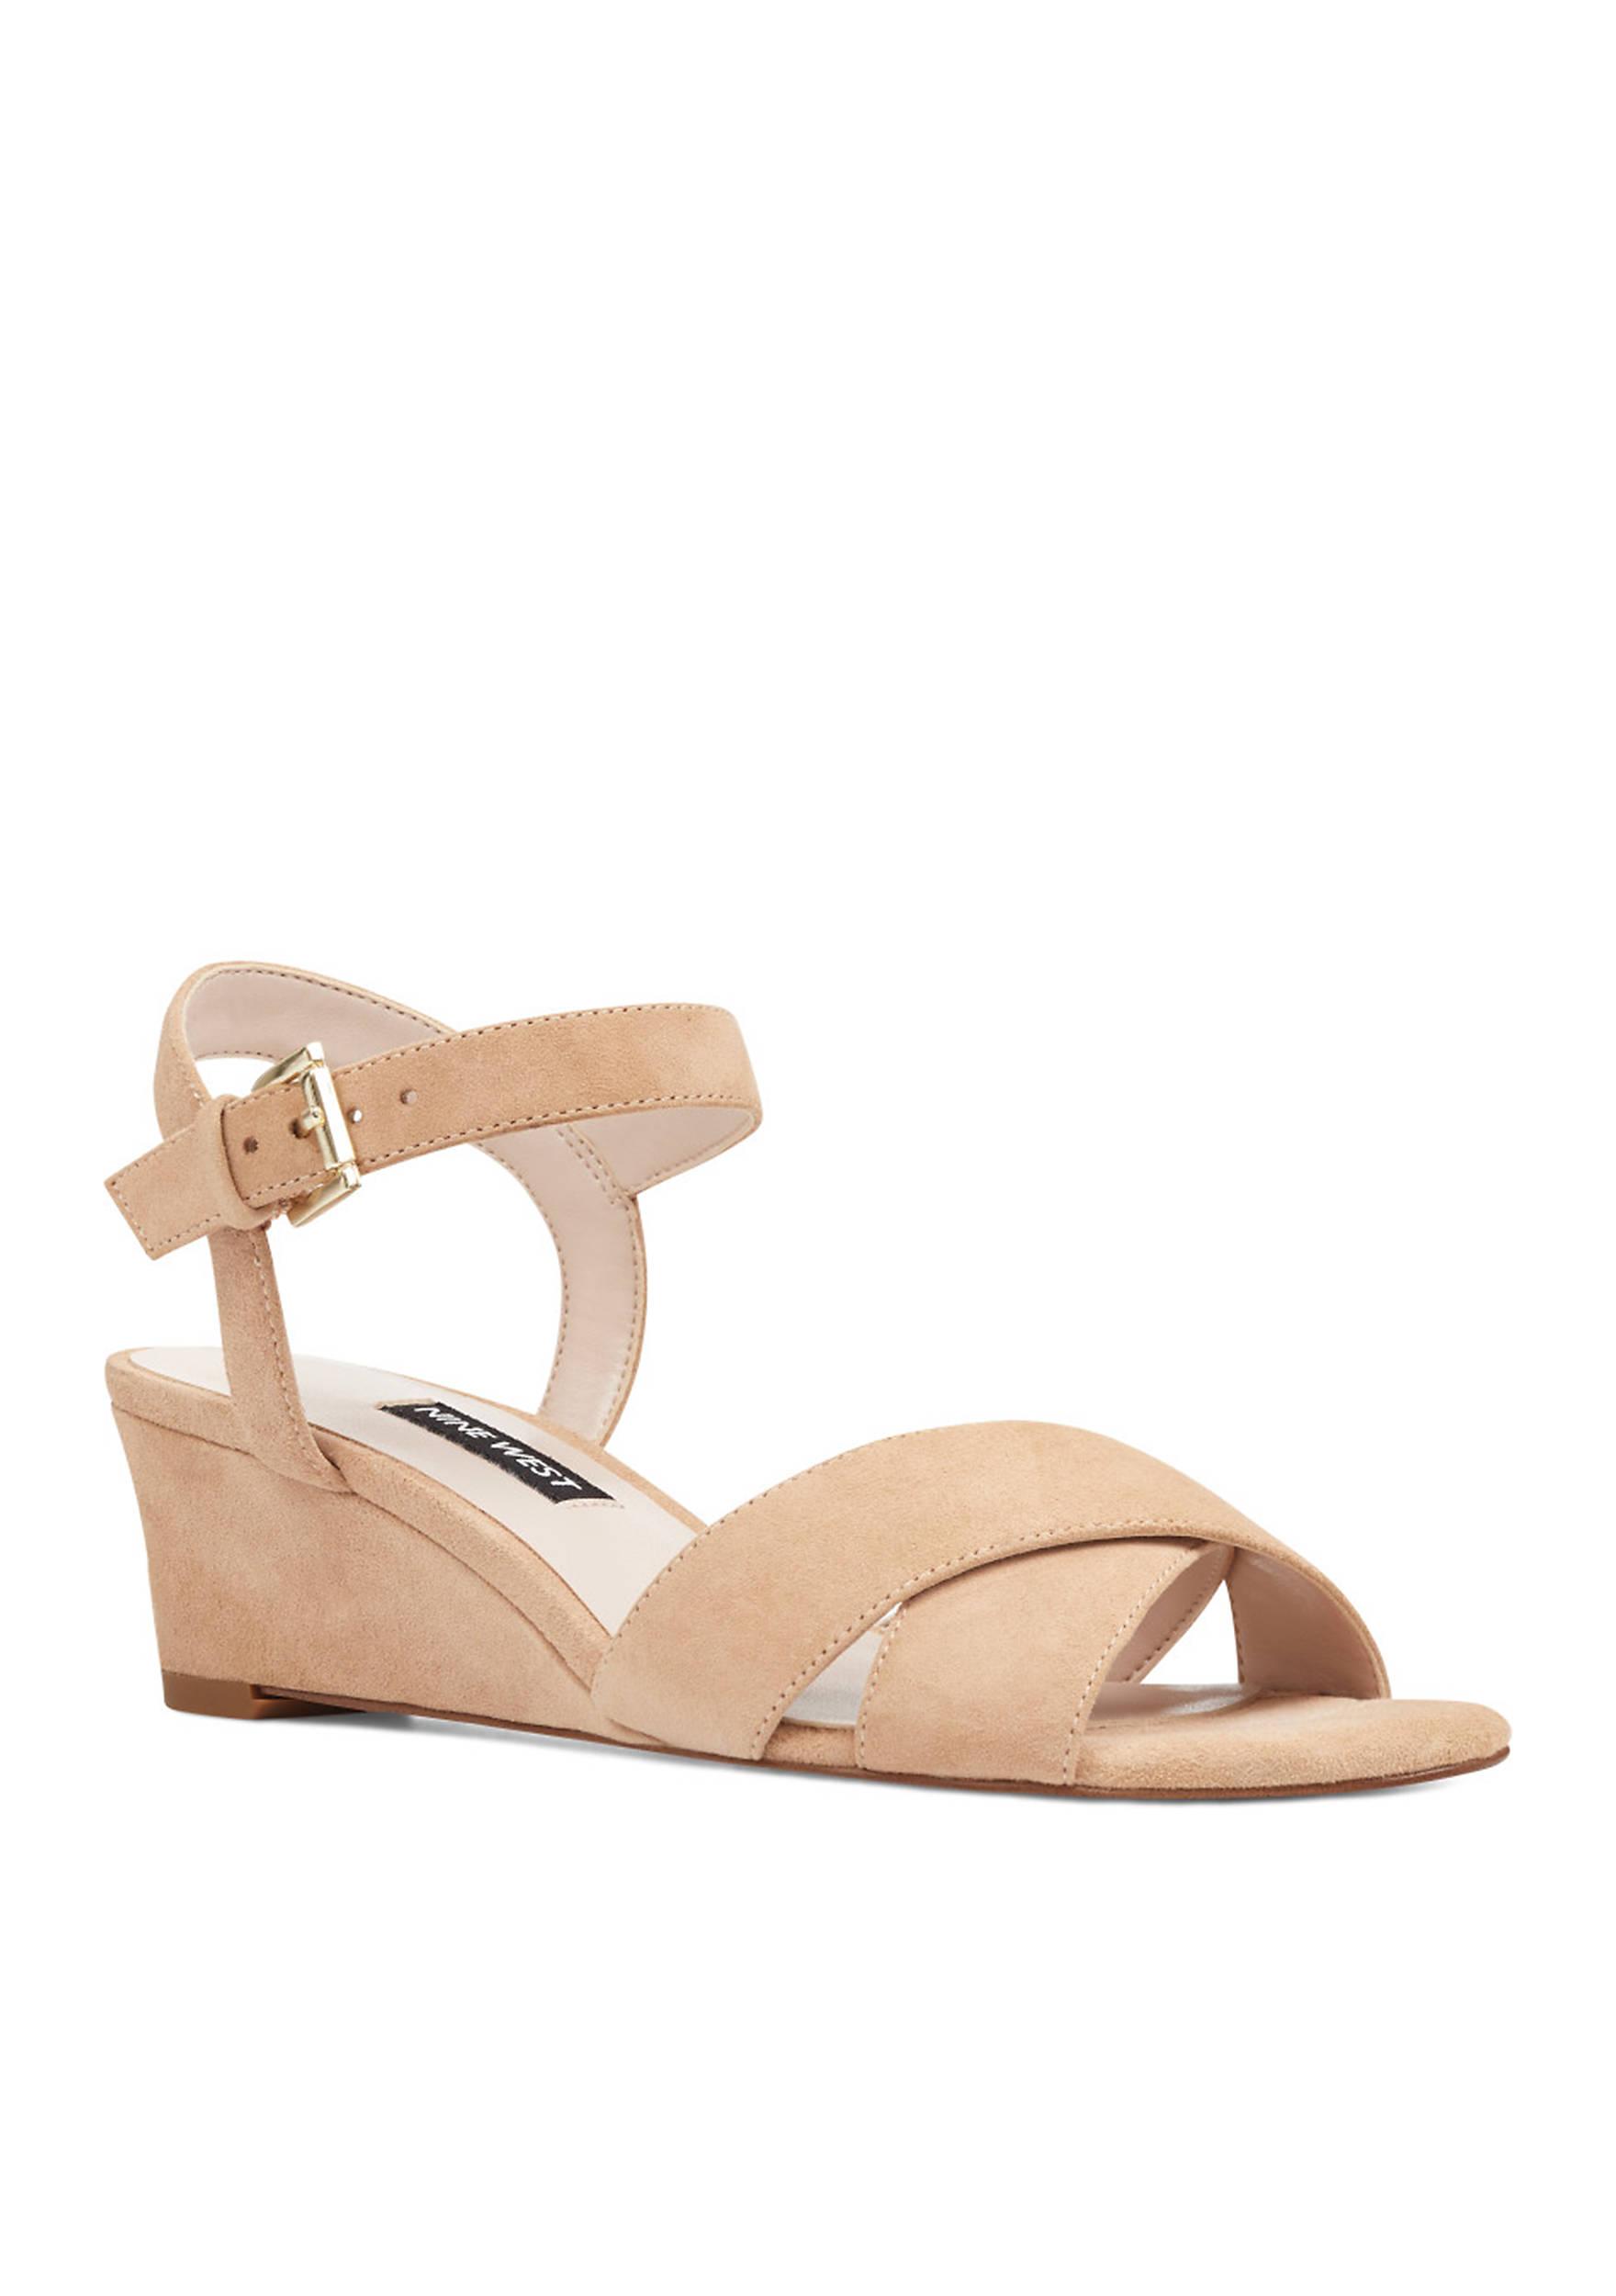 Nine West Glade Wedge Sandals stHnnHfTs